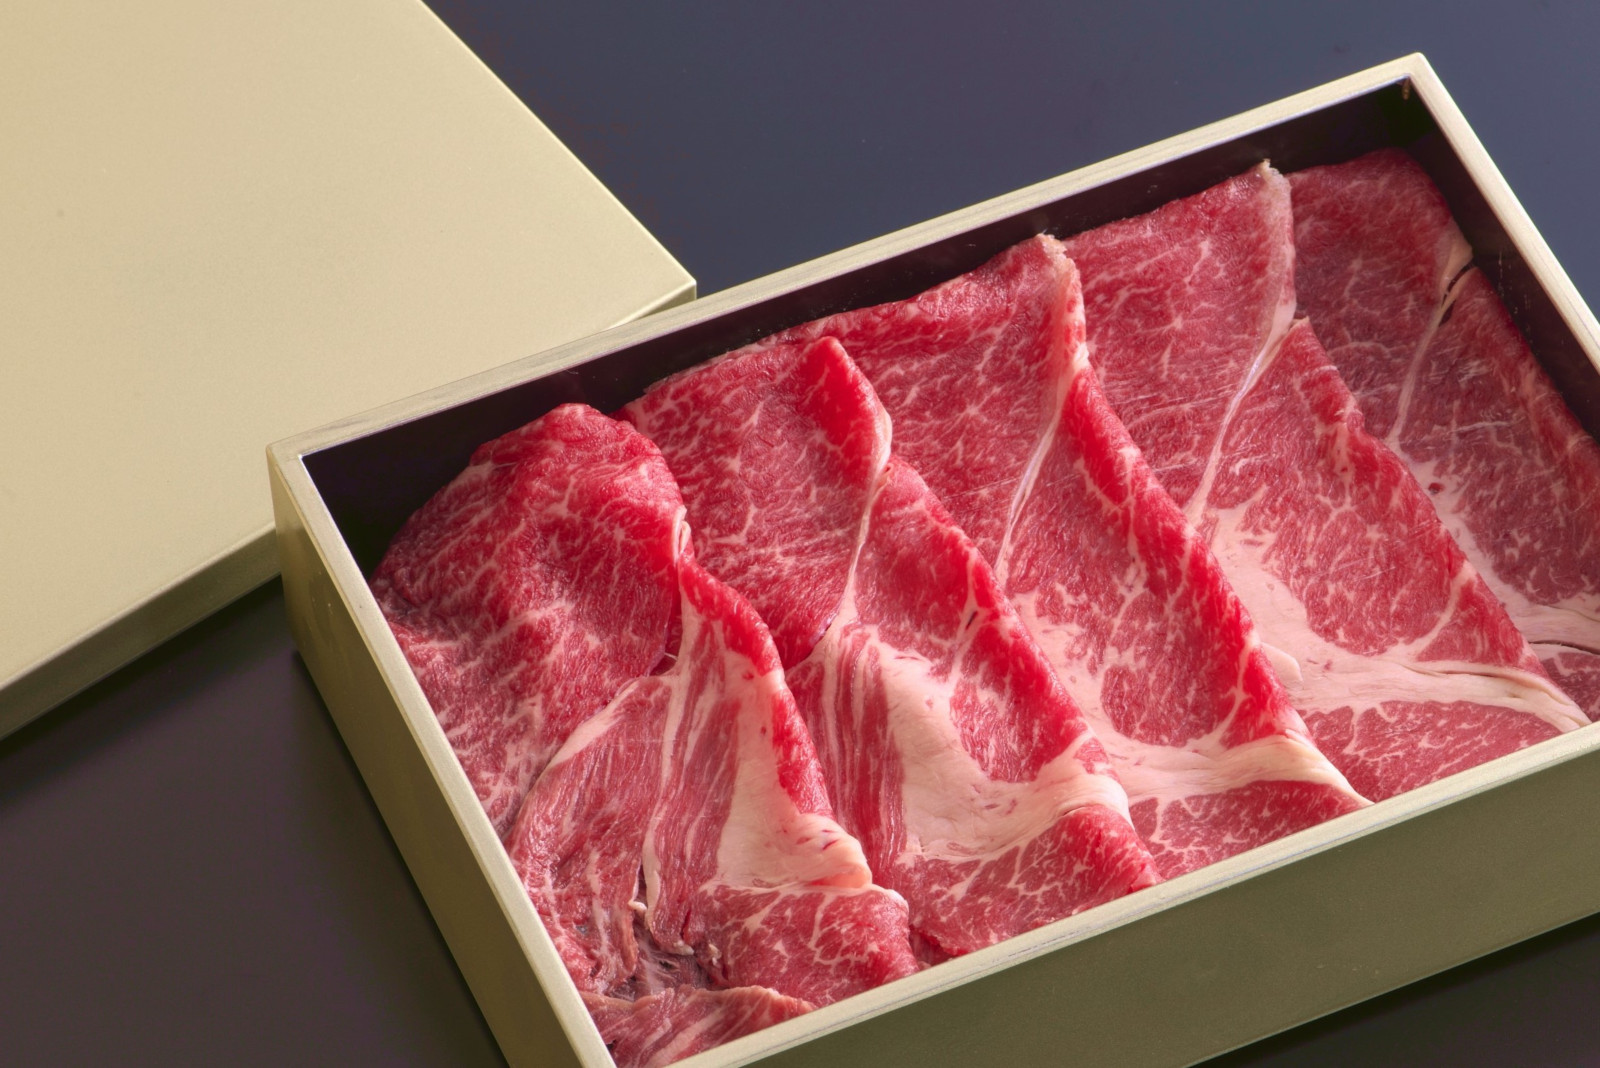 近江牛を上位部位サーロインで。美しくサシの入った肉をお楽しみくださいませ。のセット内容【近江牛サーロイン240g、特製つけ出汁、ぽん酢、うどん、柚子胡椒、刻みねぎ、季節の野菜セット】写真はイメージ